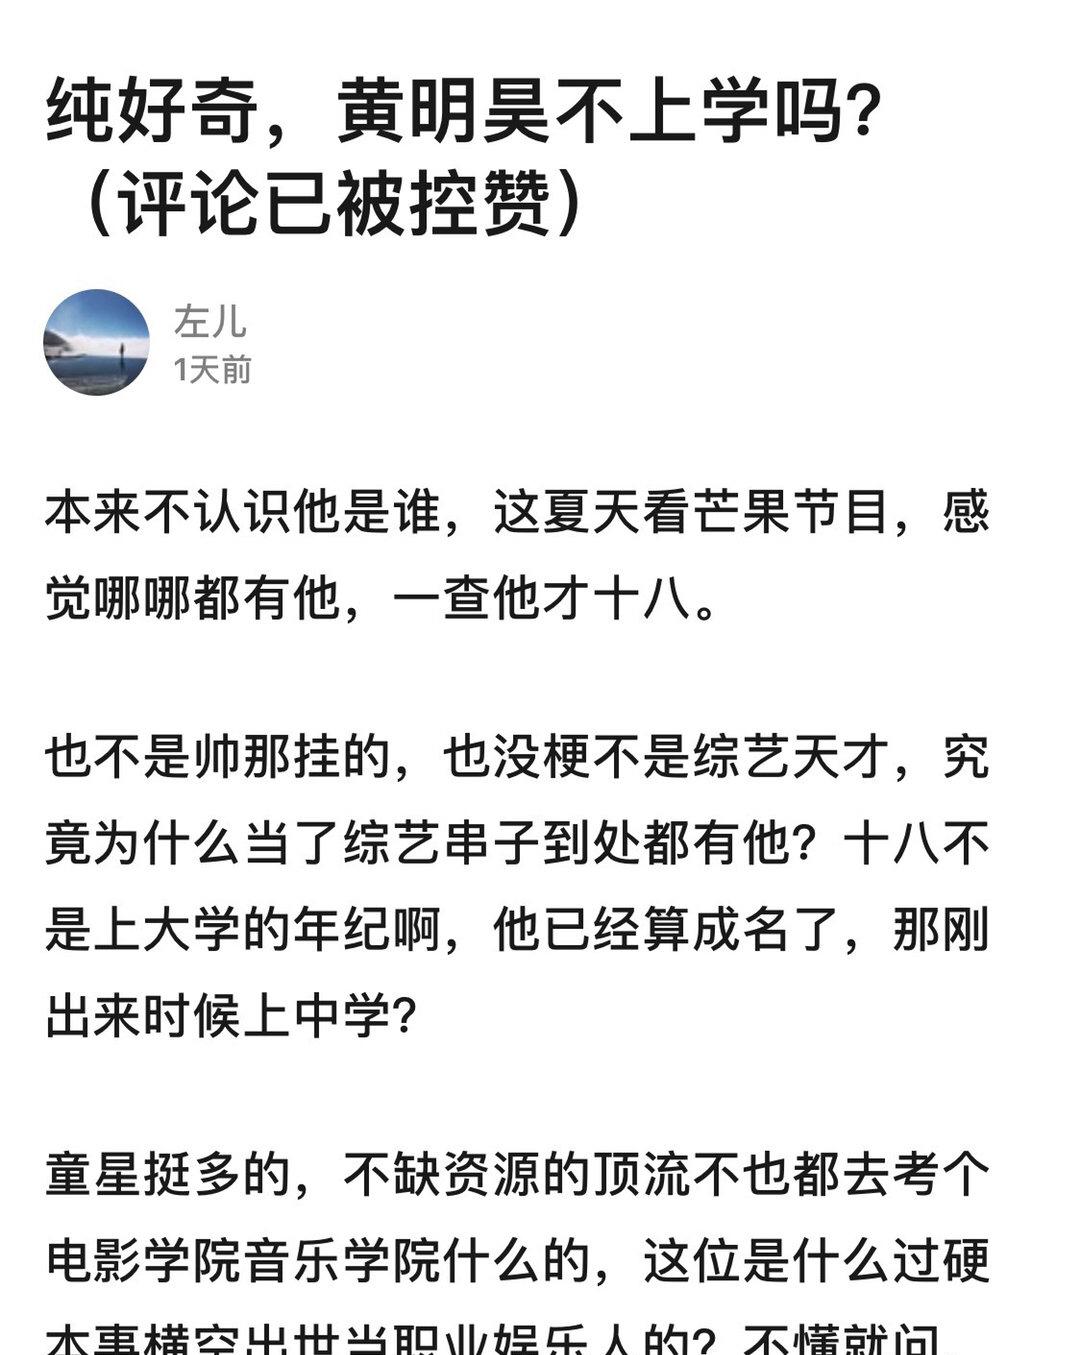 网友问:黄明昊初中辍学做练习生,16岁在偶练出道后变身综艺咖